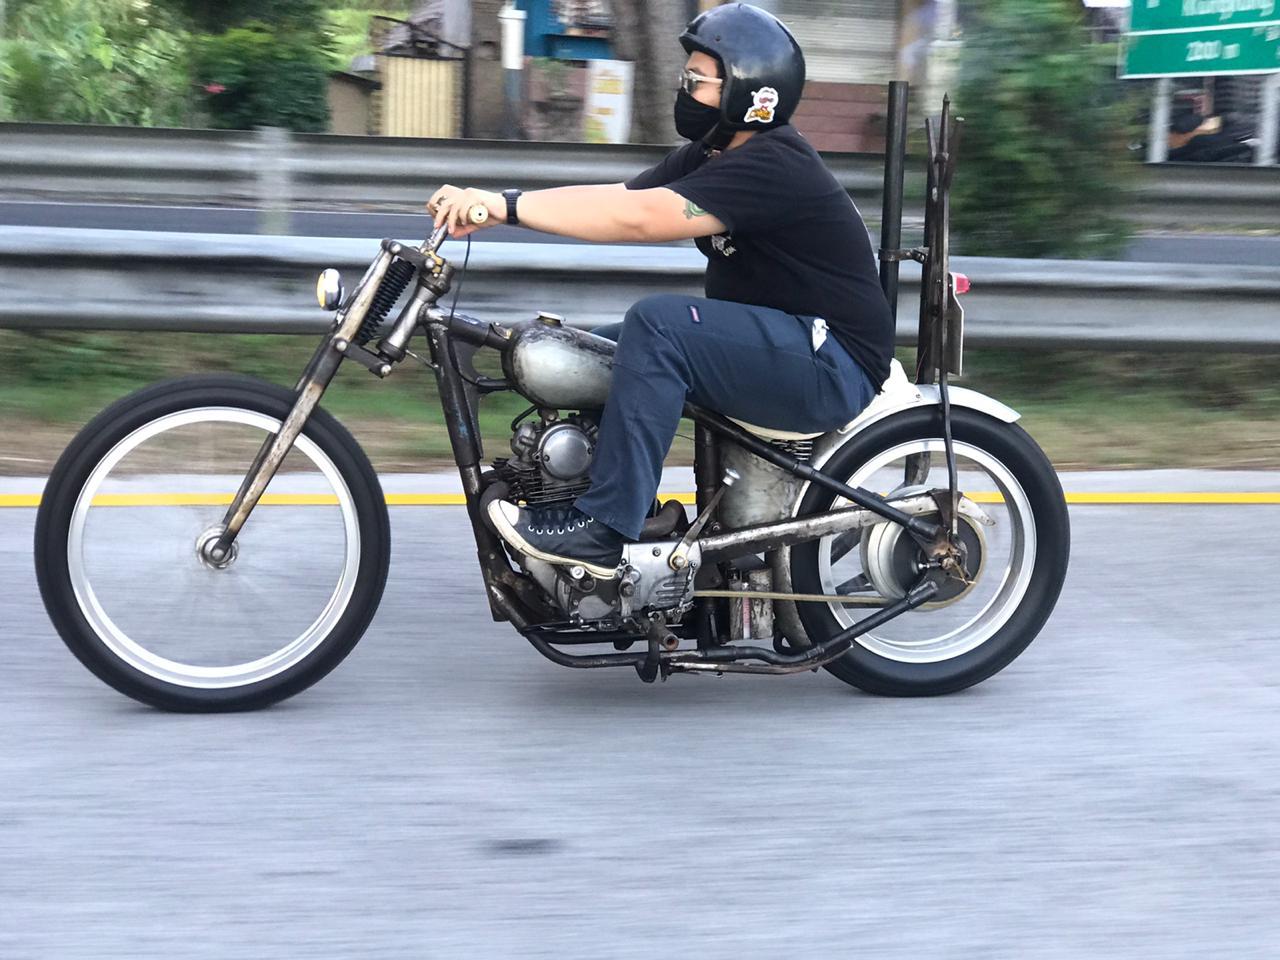 Bikin Custom dari Kawasaki KZ200